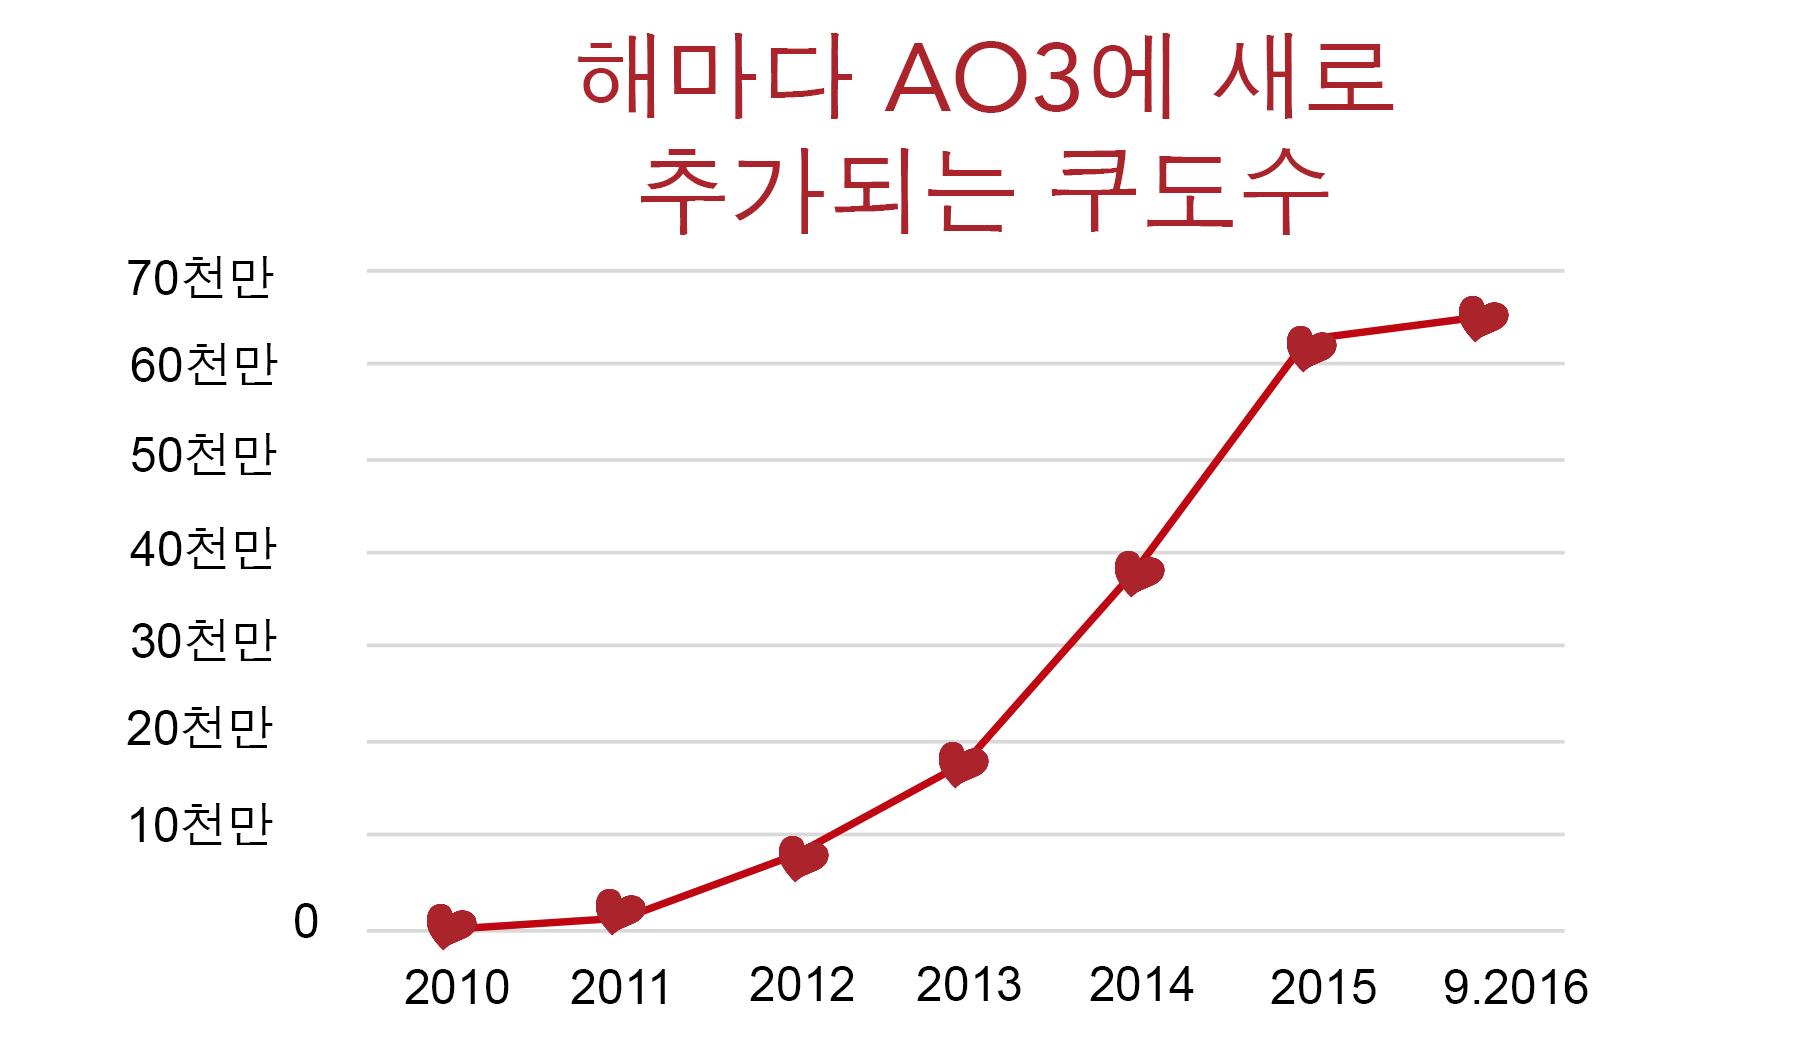 AO3의 쿠도 증가 그래프, 2010년 0부터 2016년 8월을 기점으로 6천만이 넘음.